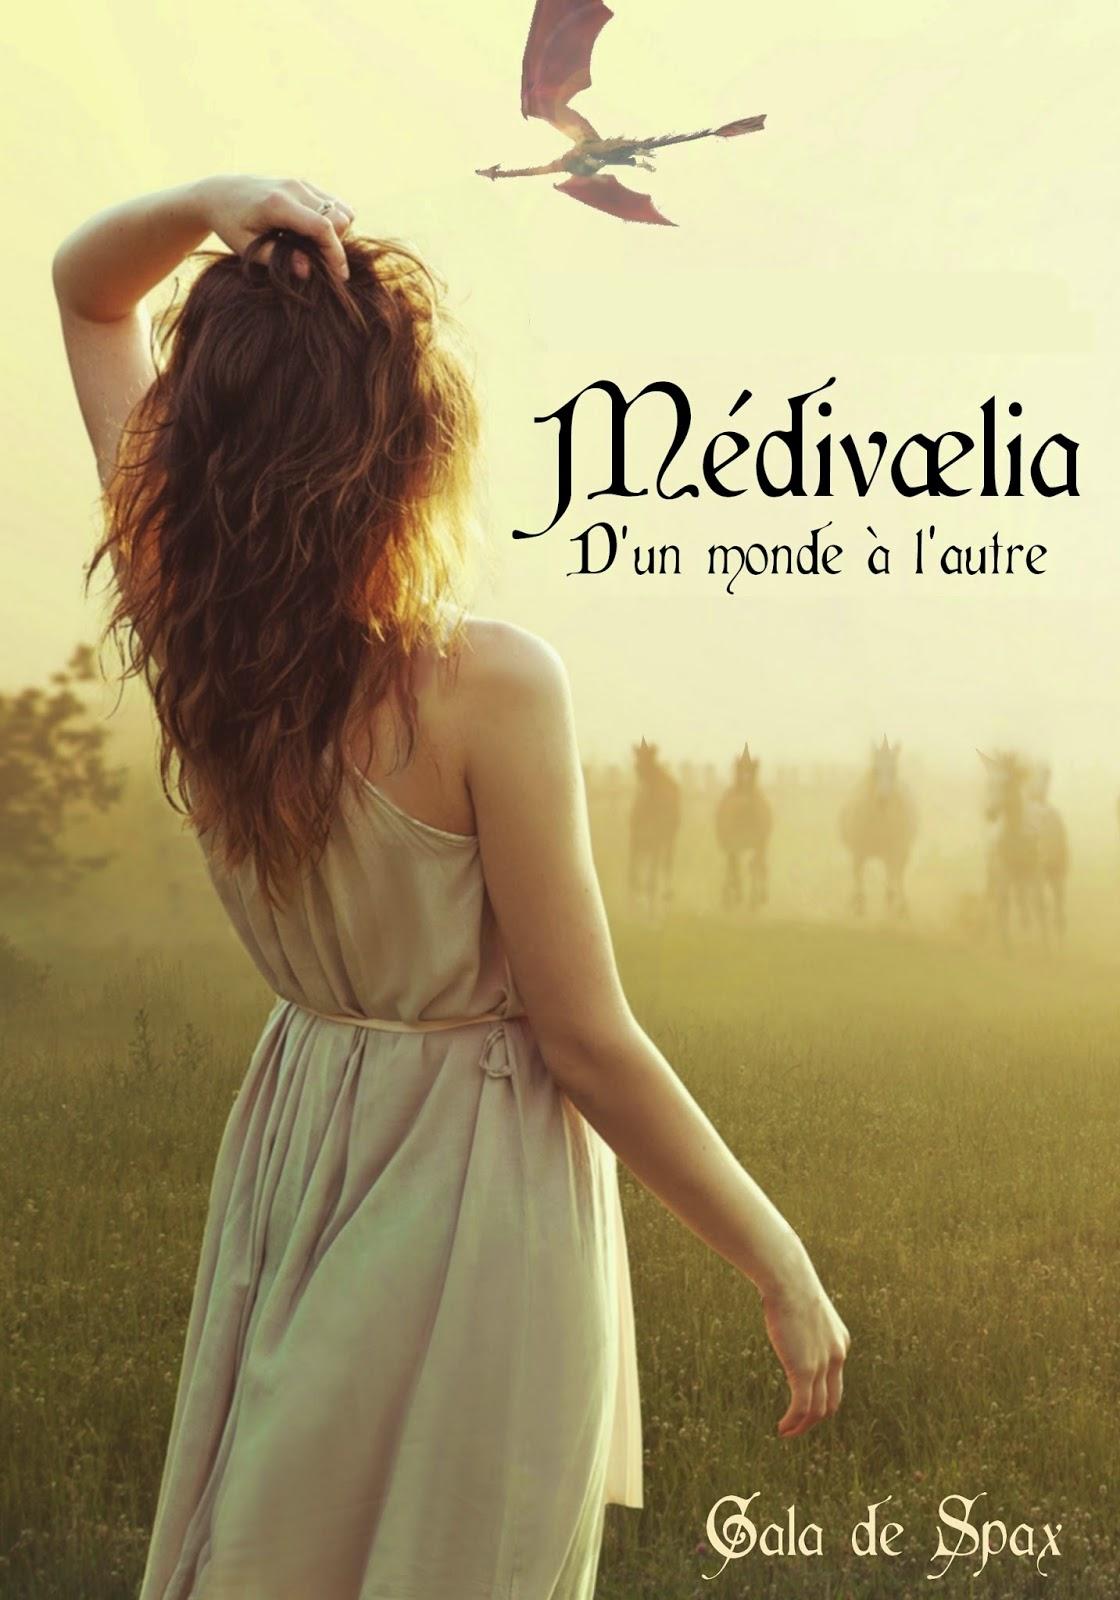 http://mylittledreams31.blogspot.fr/2014/06/medivaelia.html?zx=9ca77345e27d17c4